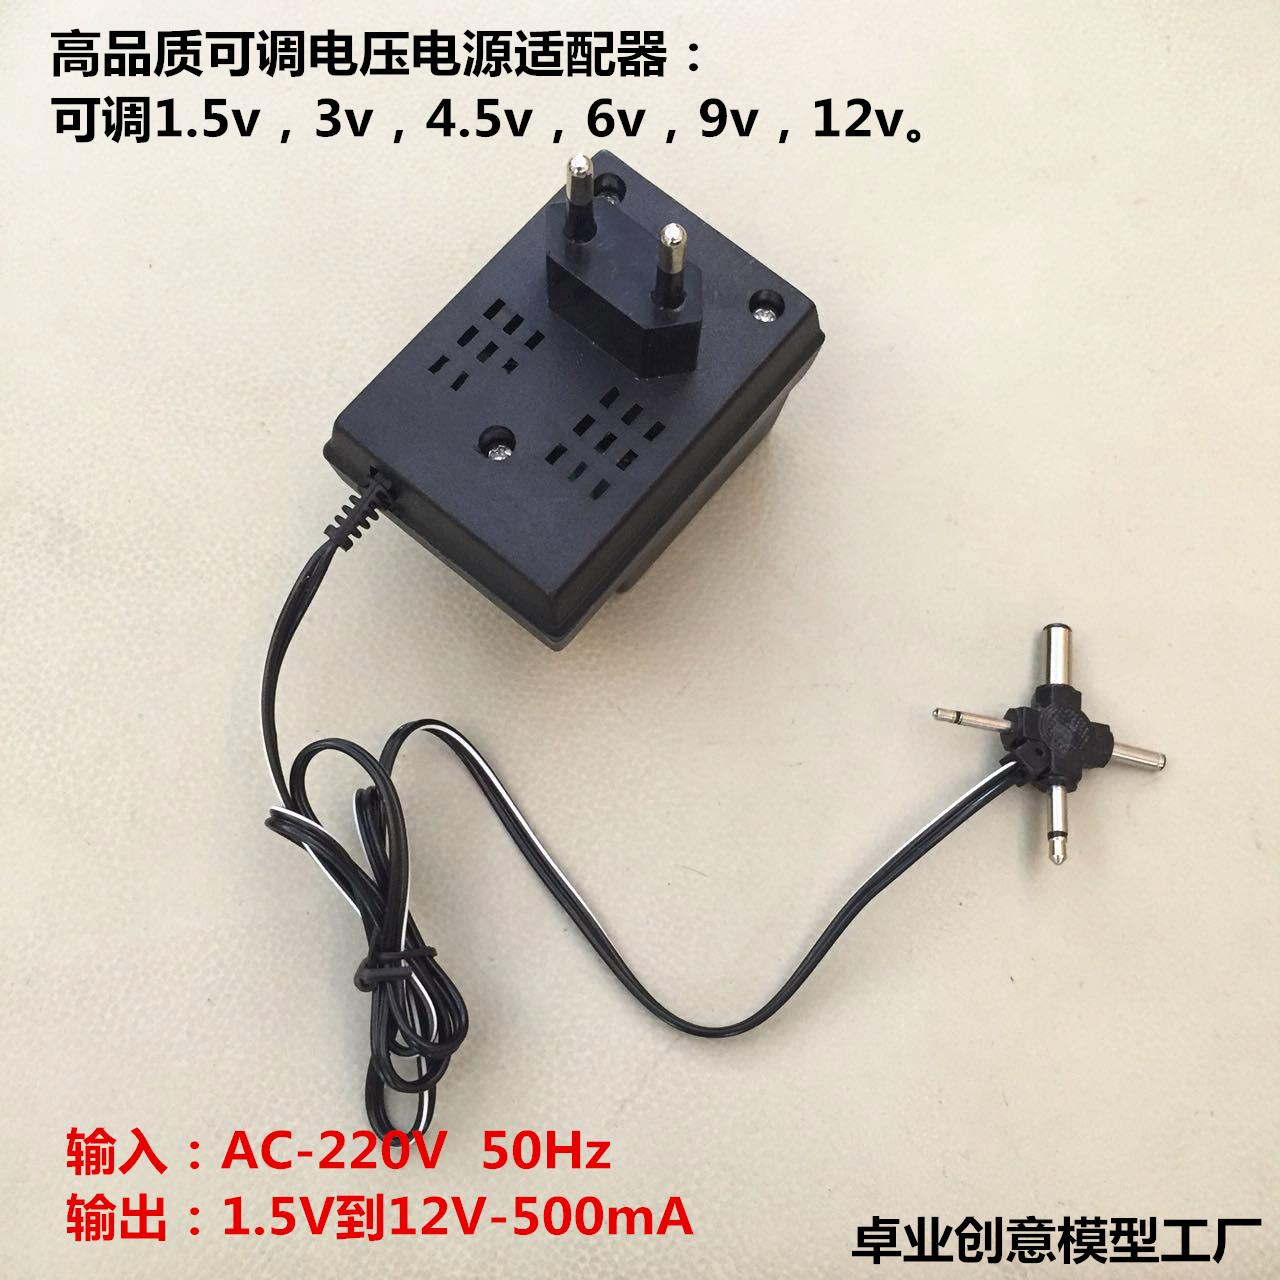 transformer med justerbar variabel frekvens strømforsyning adapter 1.5V3v4.5v12V universelle strømforsyning adapter